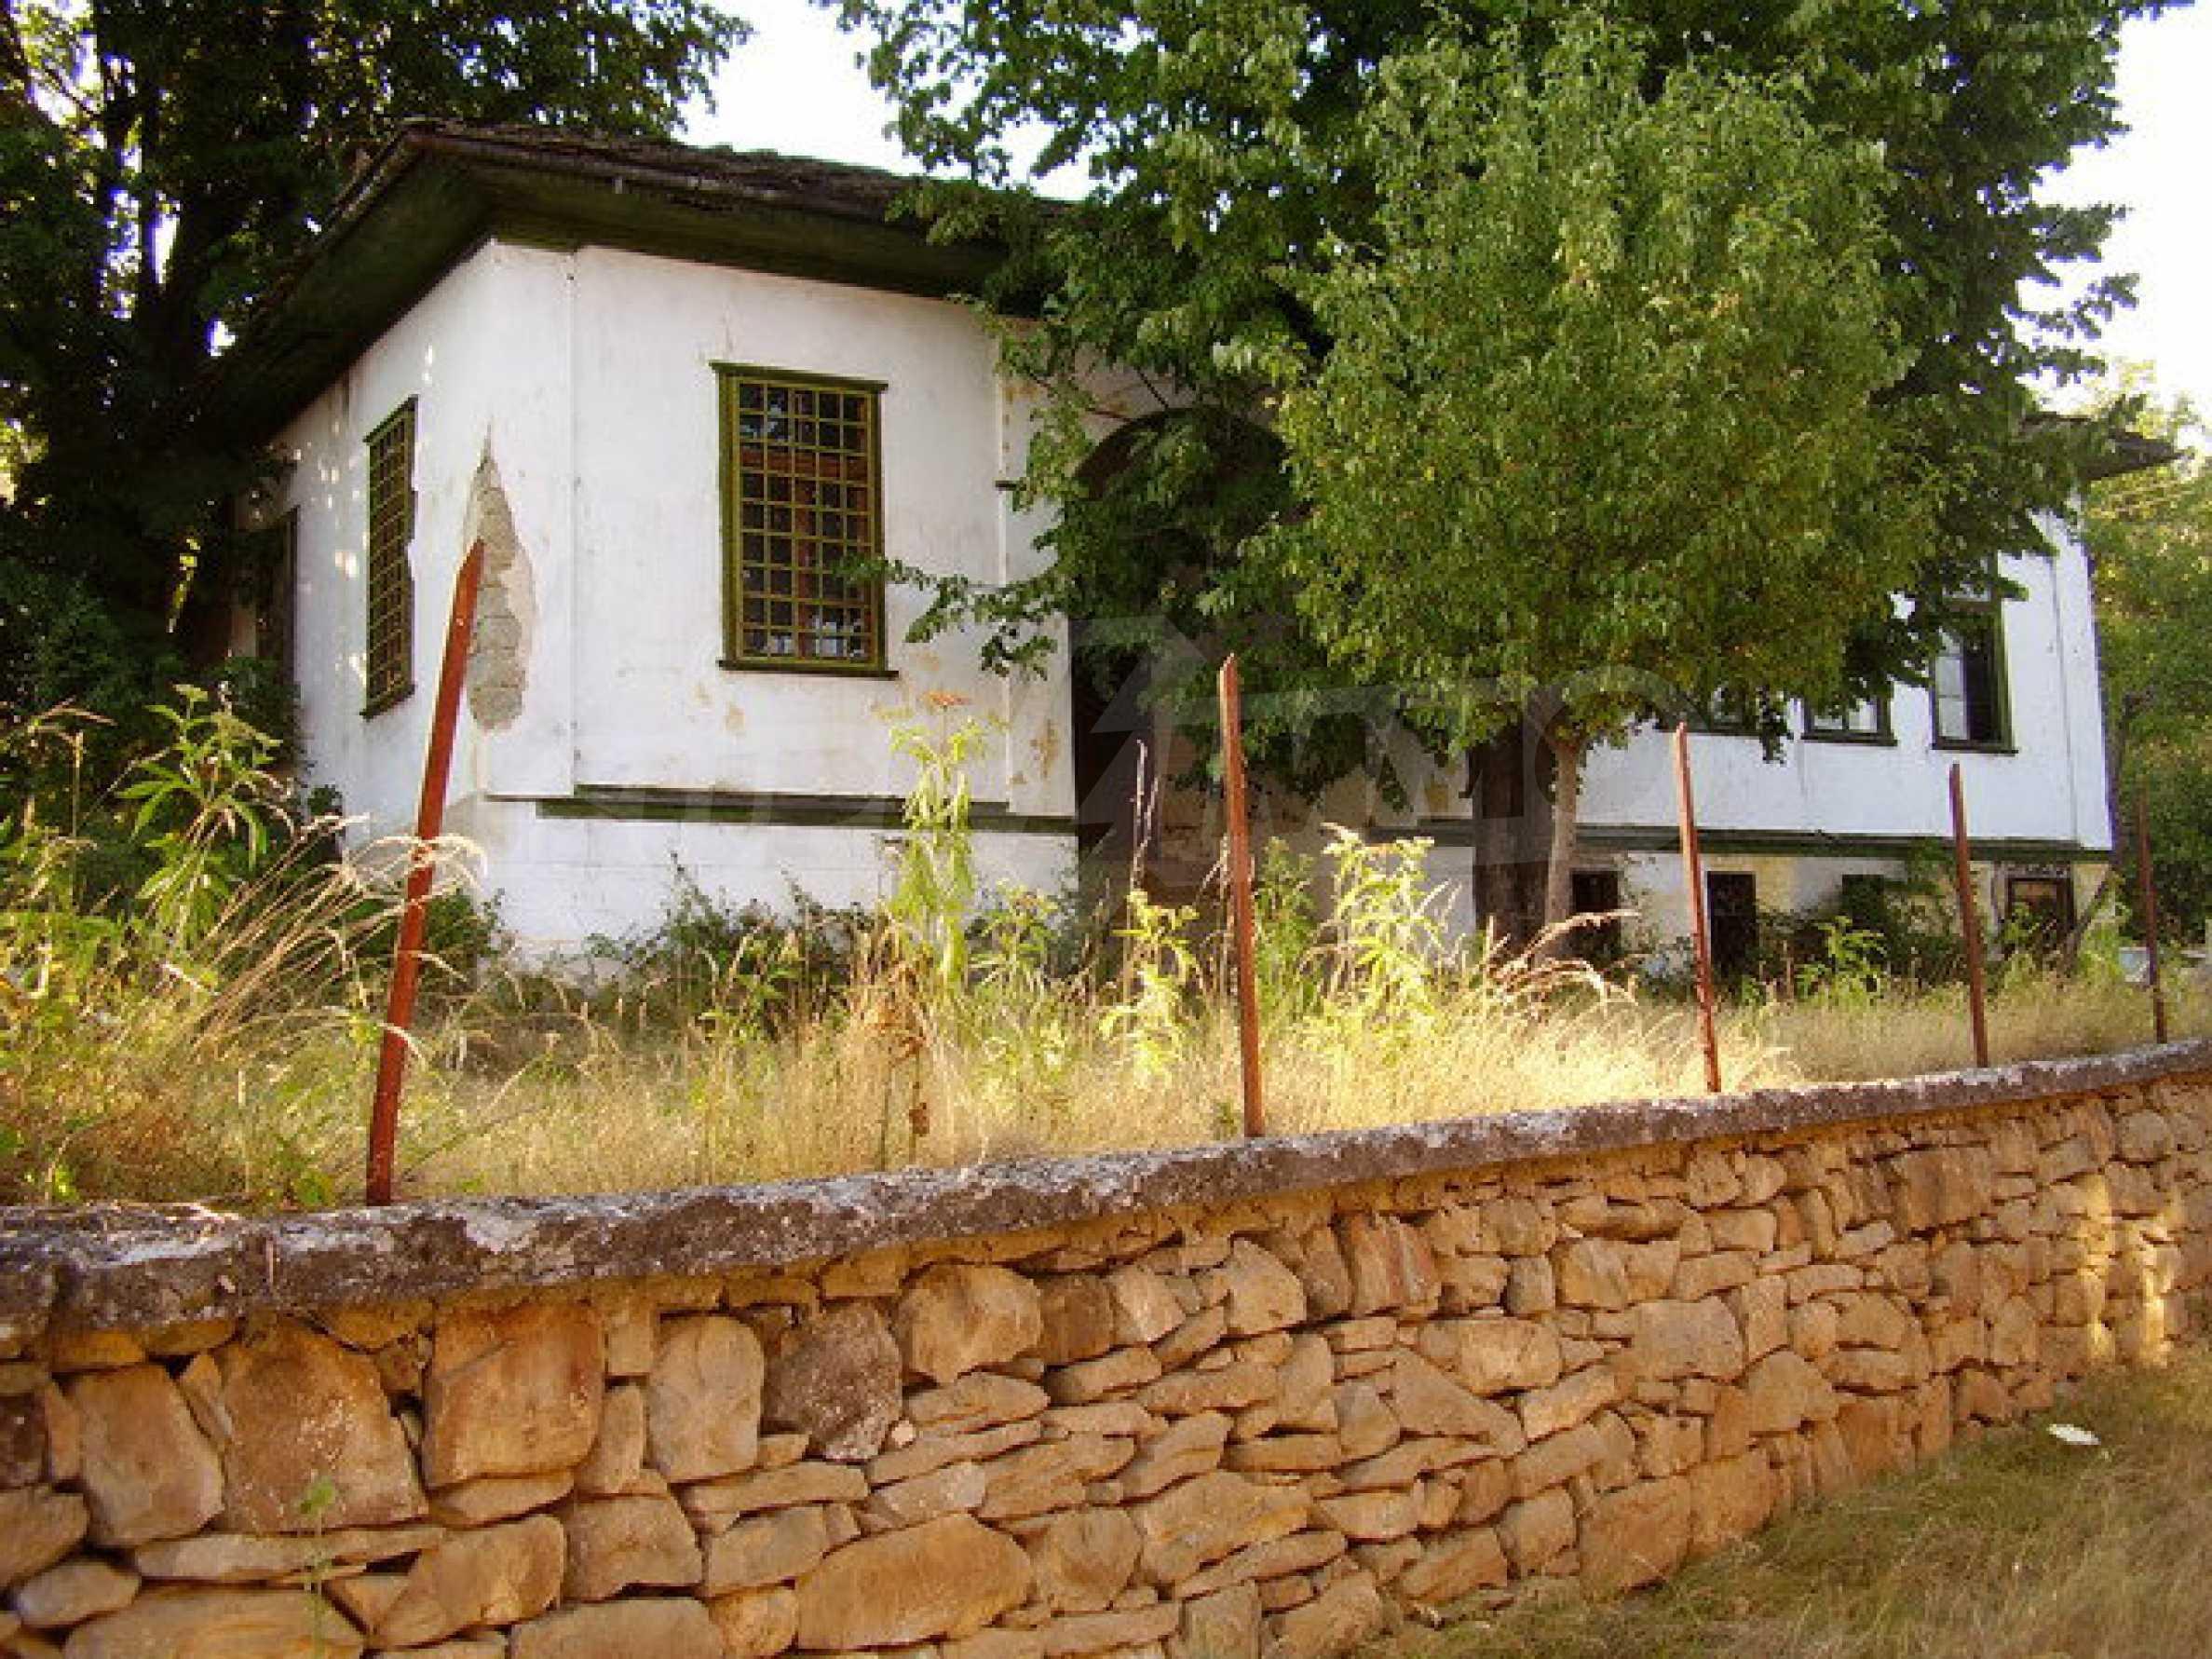 Старая  школа, построенная из камня, в чистом районе между городами Дряново и Трявна 4